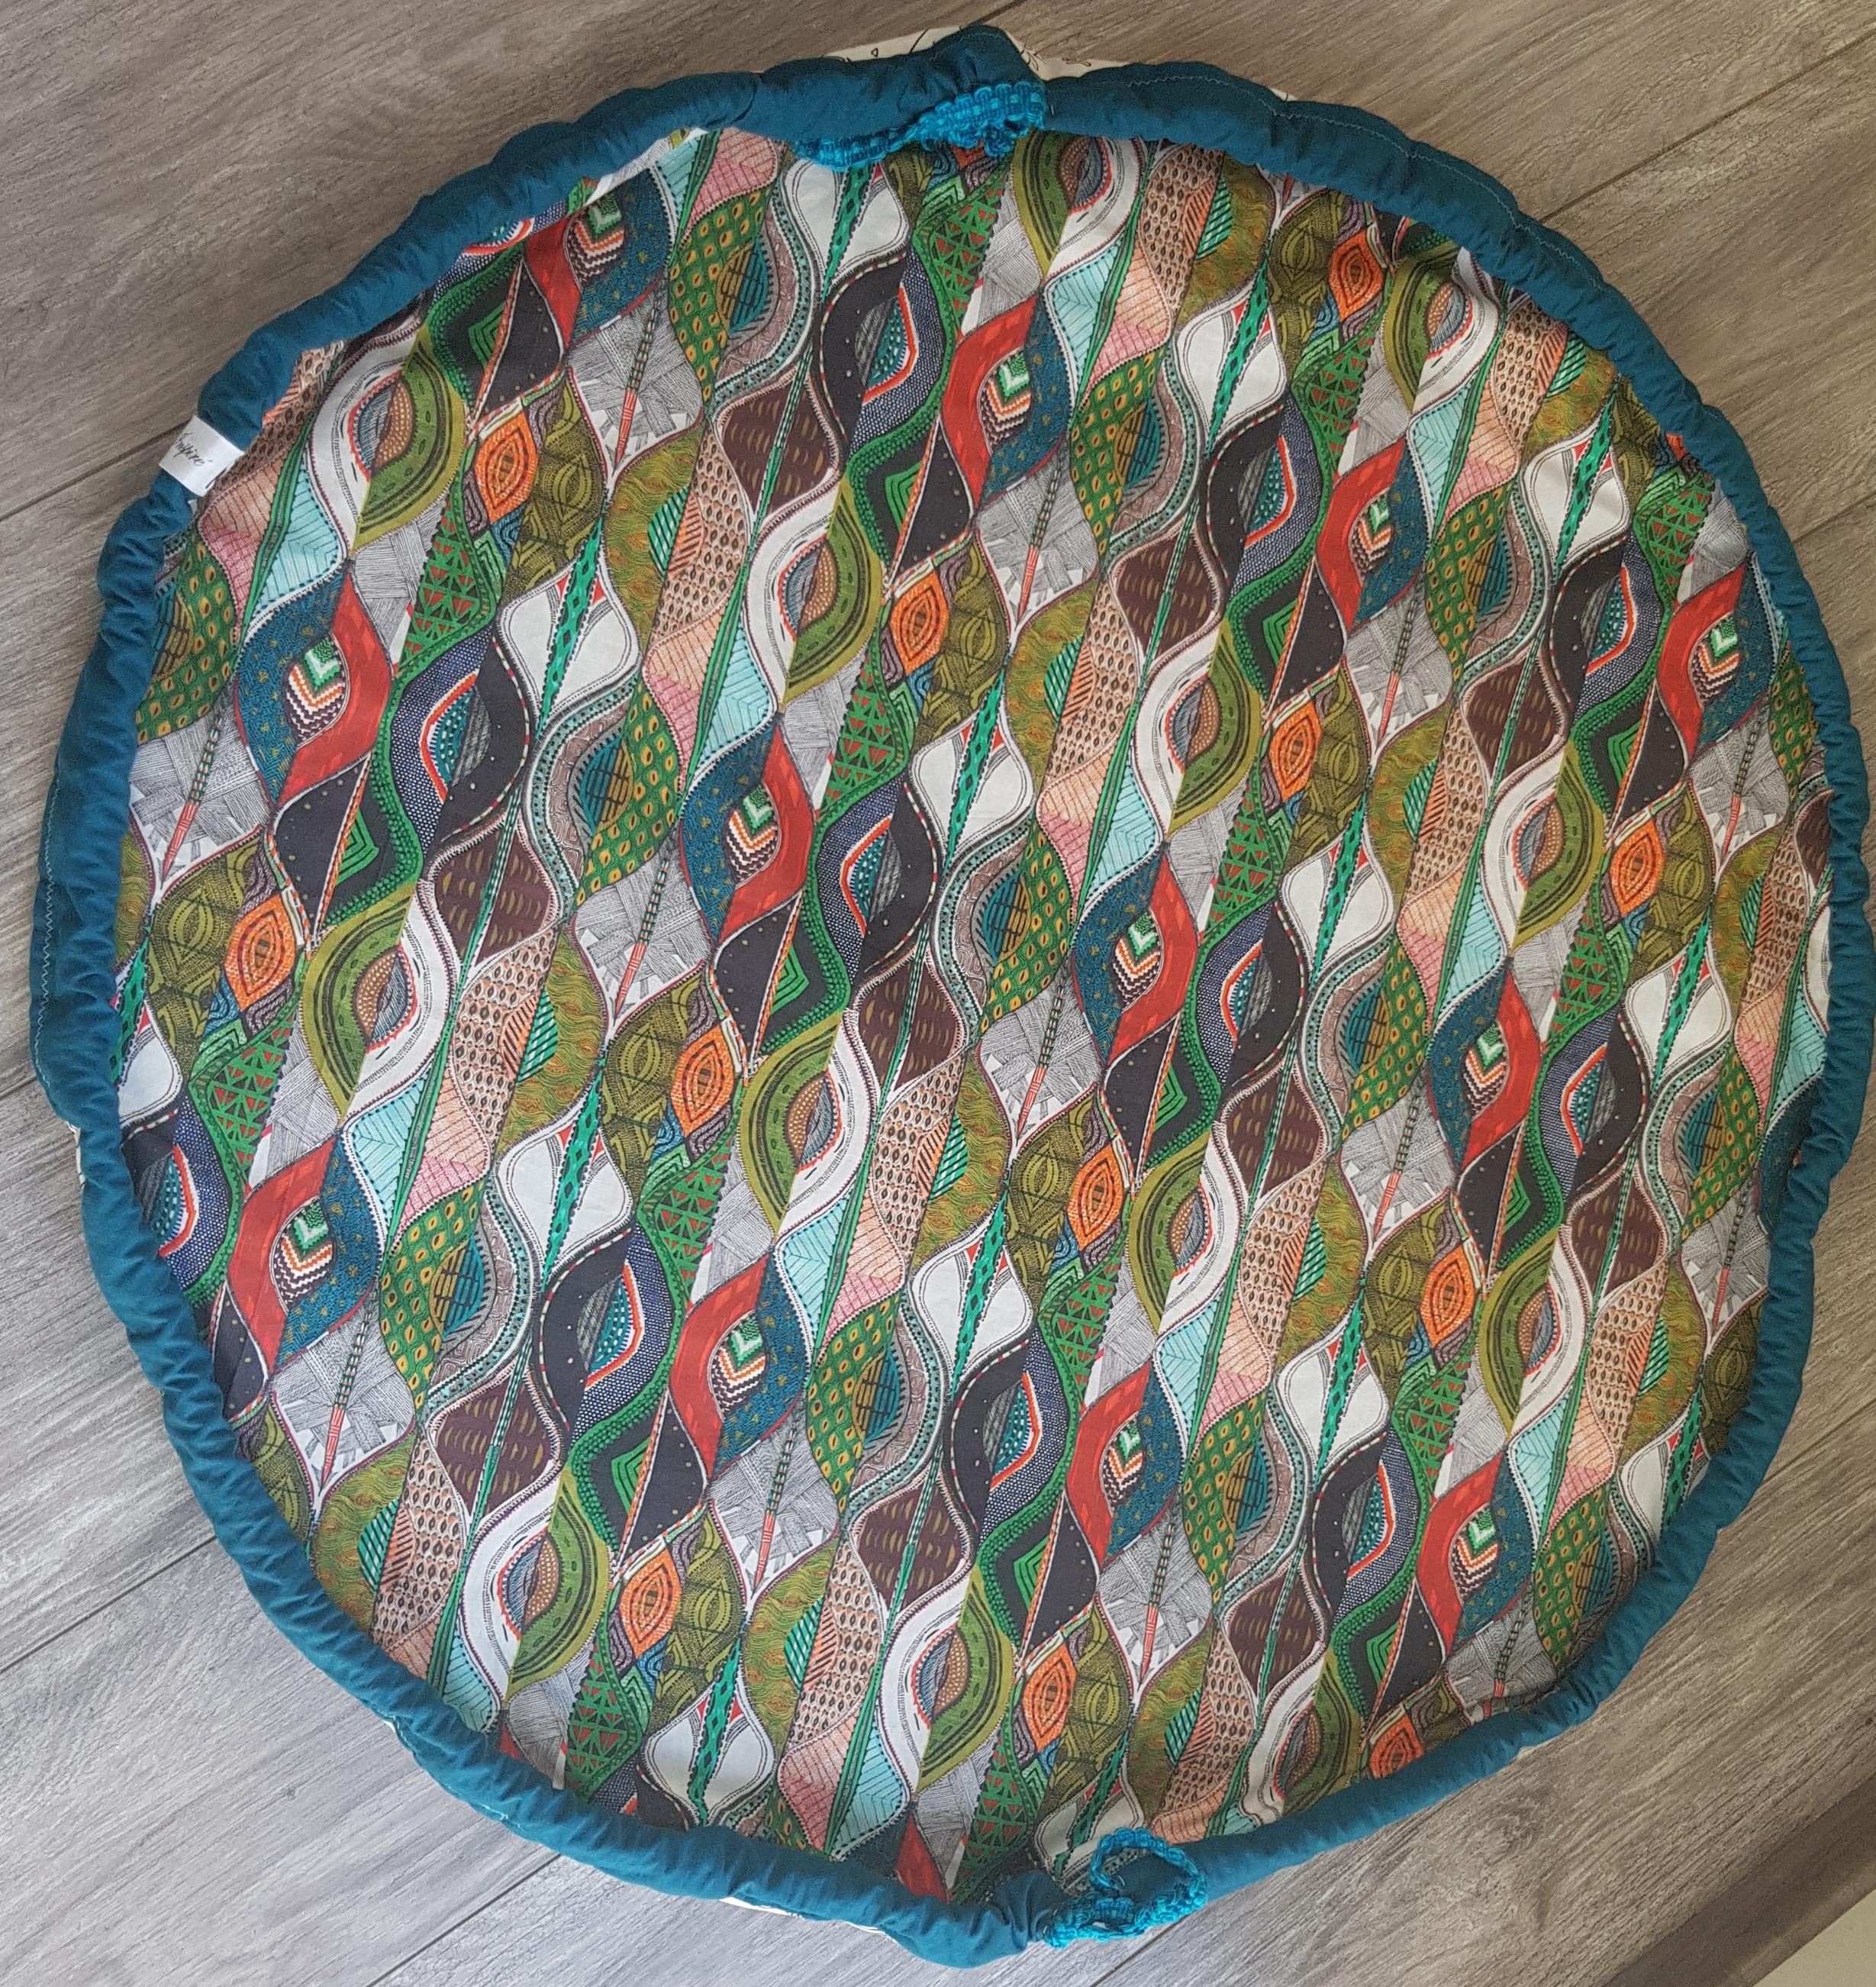 Tapis D Éveil Sac A Jouets tapis de jeux,tapis d'éveil à colorier transformable en sac de rangement  baluchon